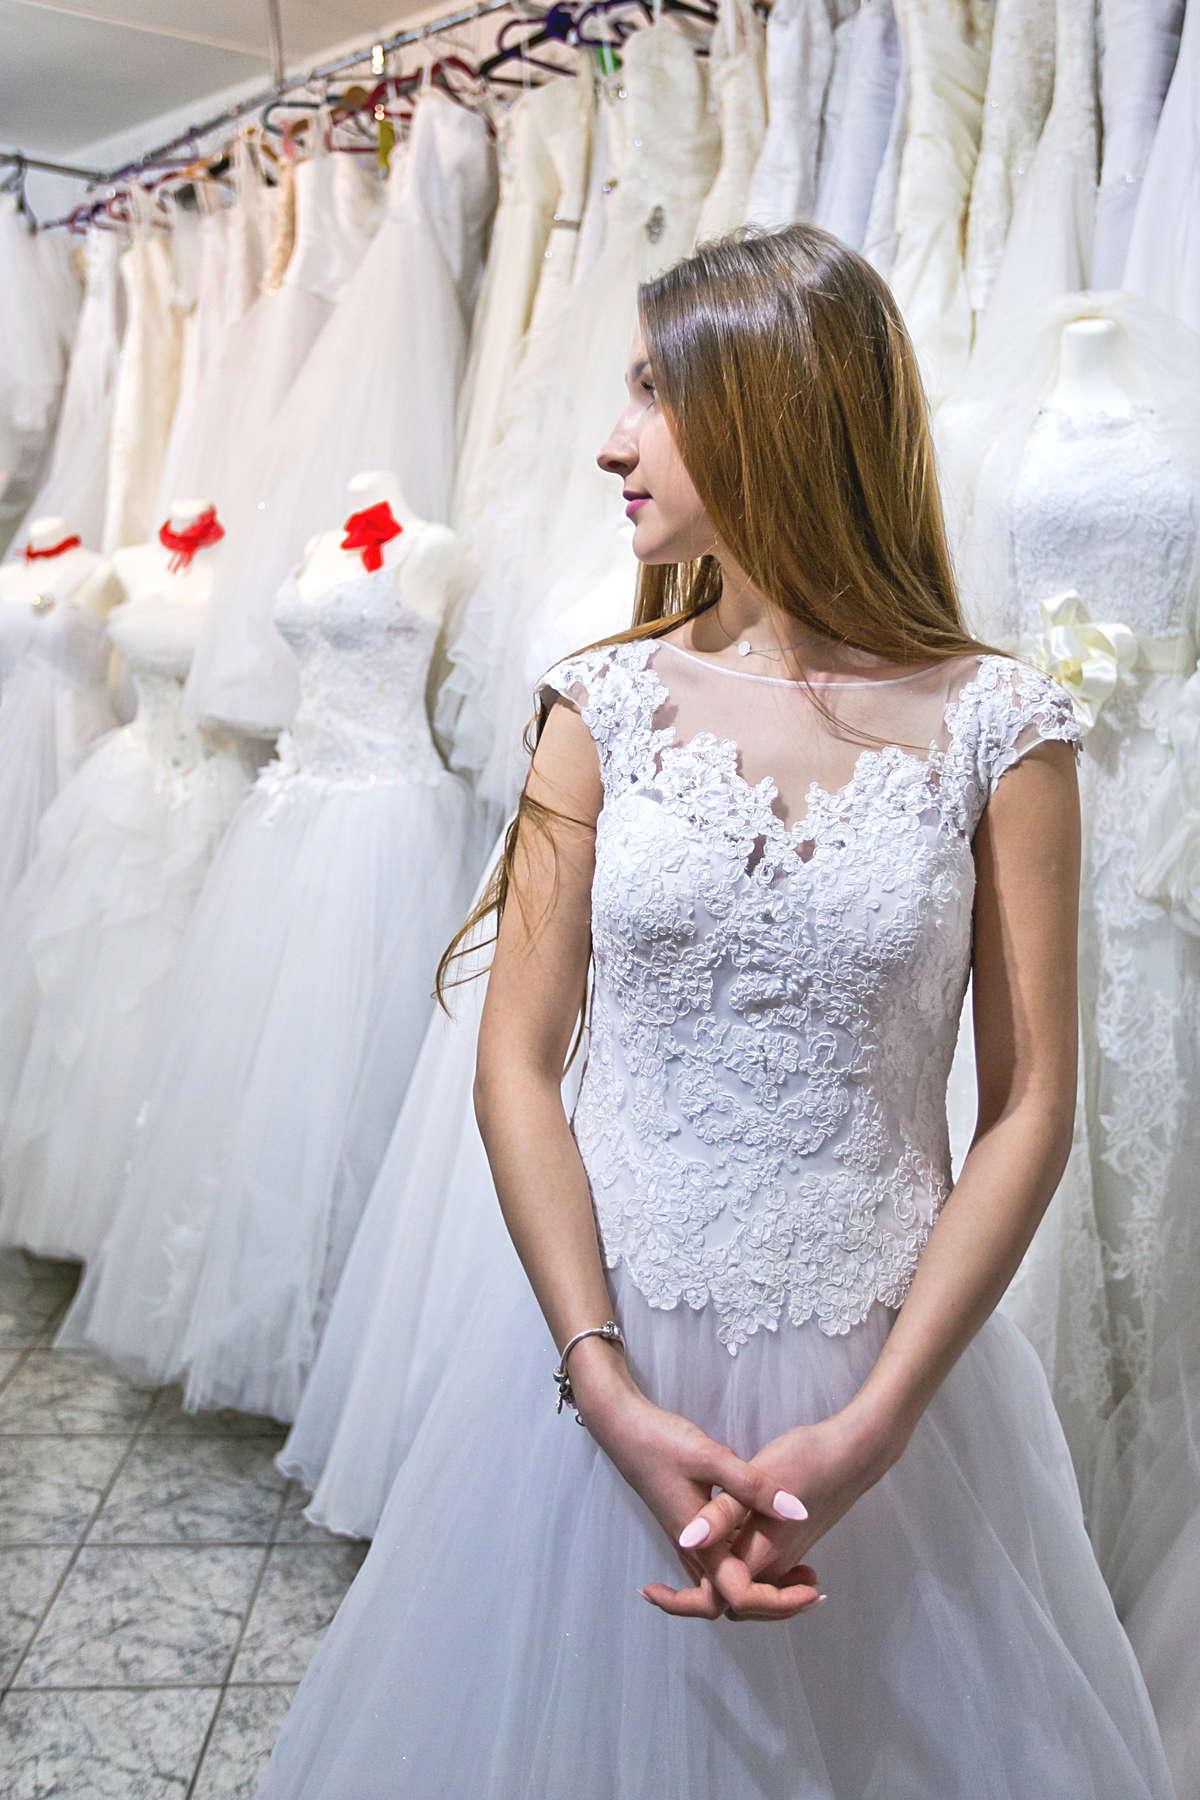 Suknia ślubna jak z bajki, czyli co nosi modna panna młoda - full image